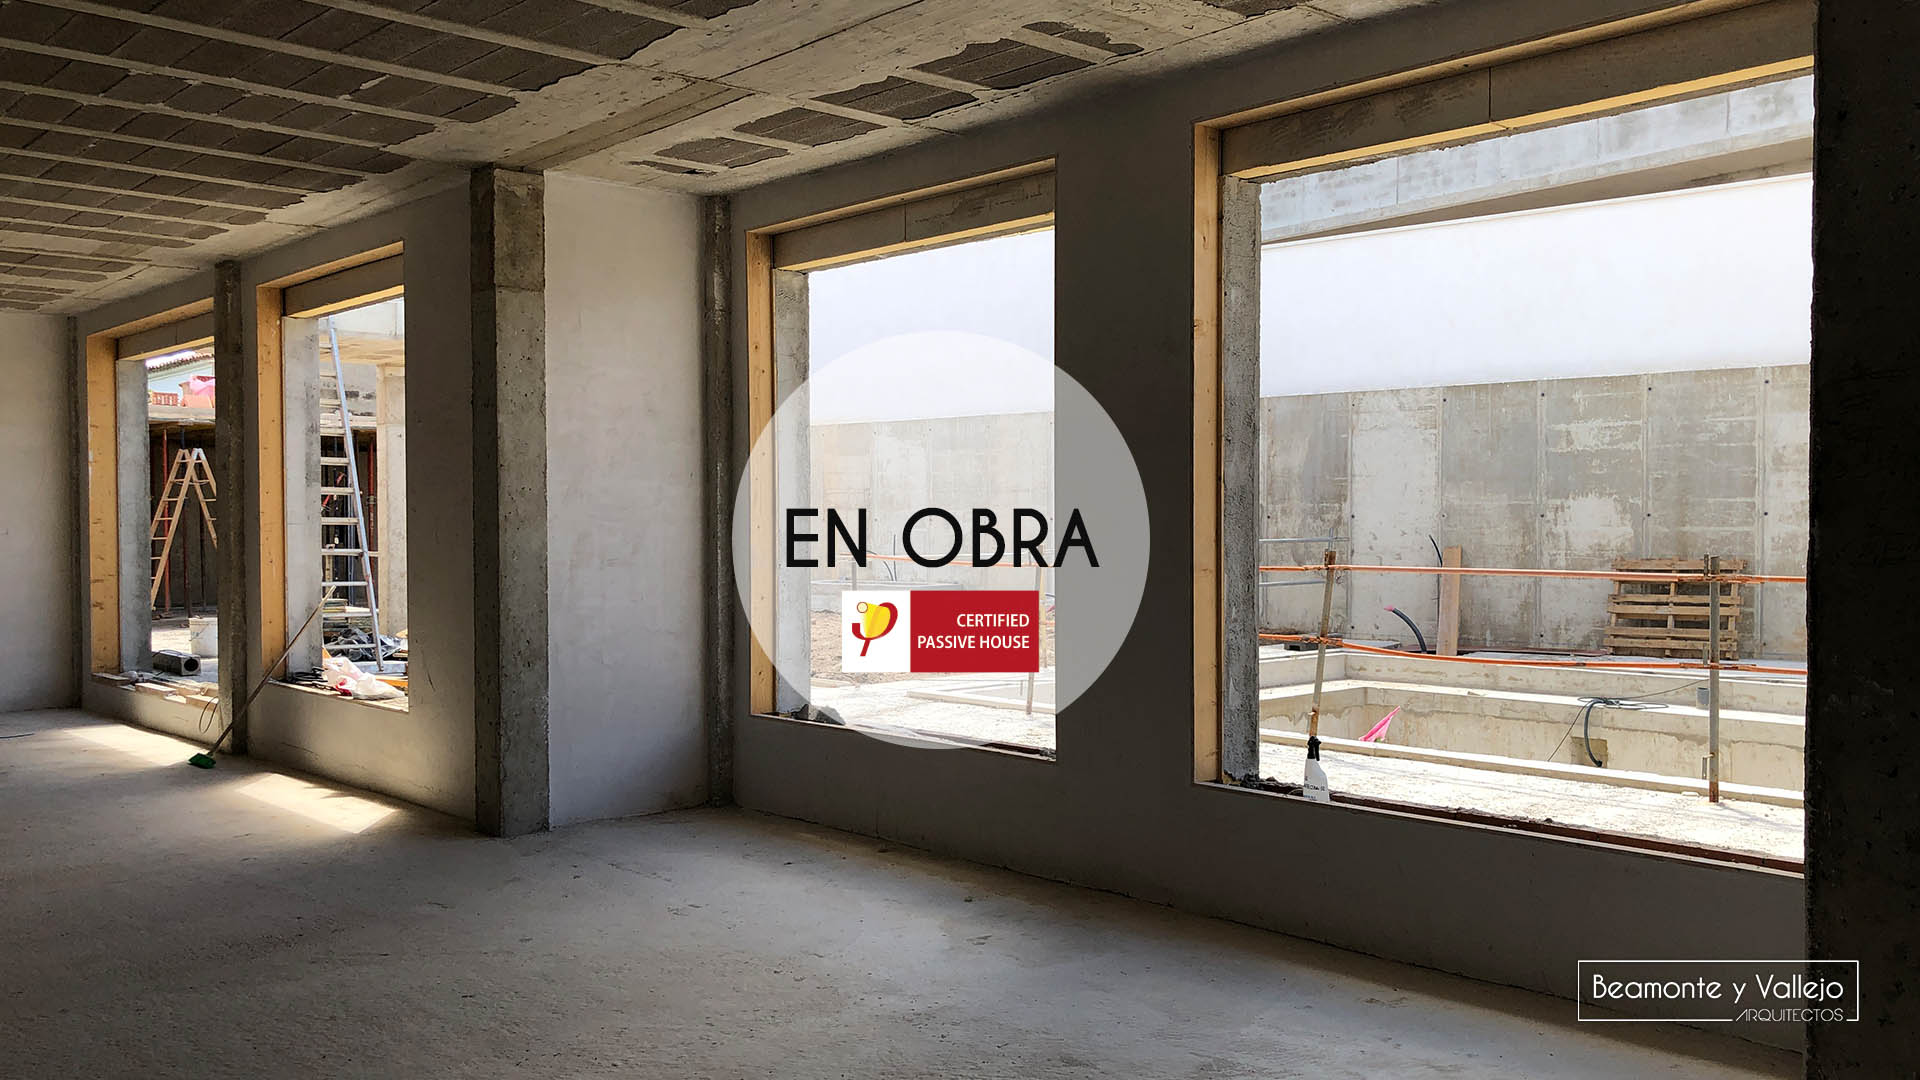 Beamonte y Vallejo arquitectos - Passivhaus Pradejón en obra - 3